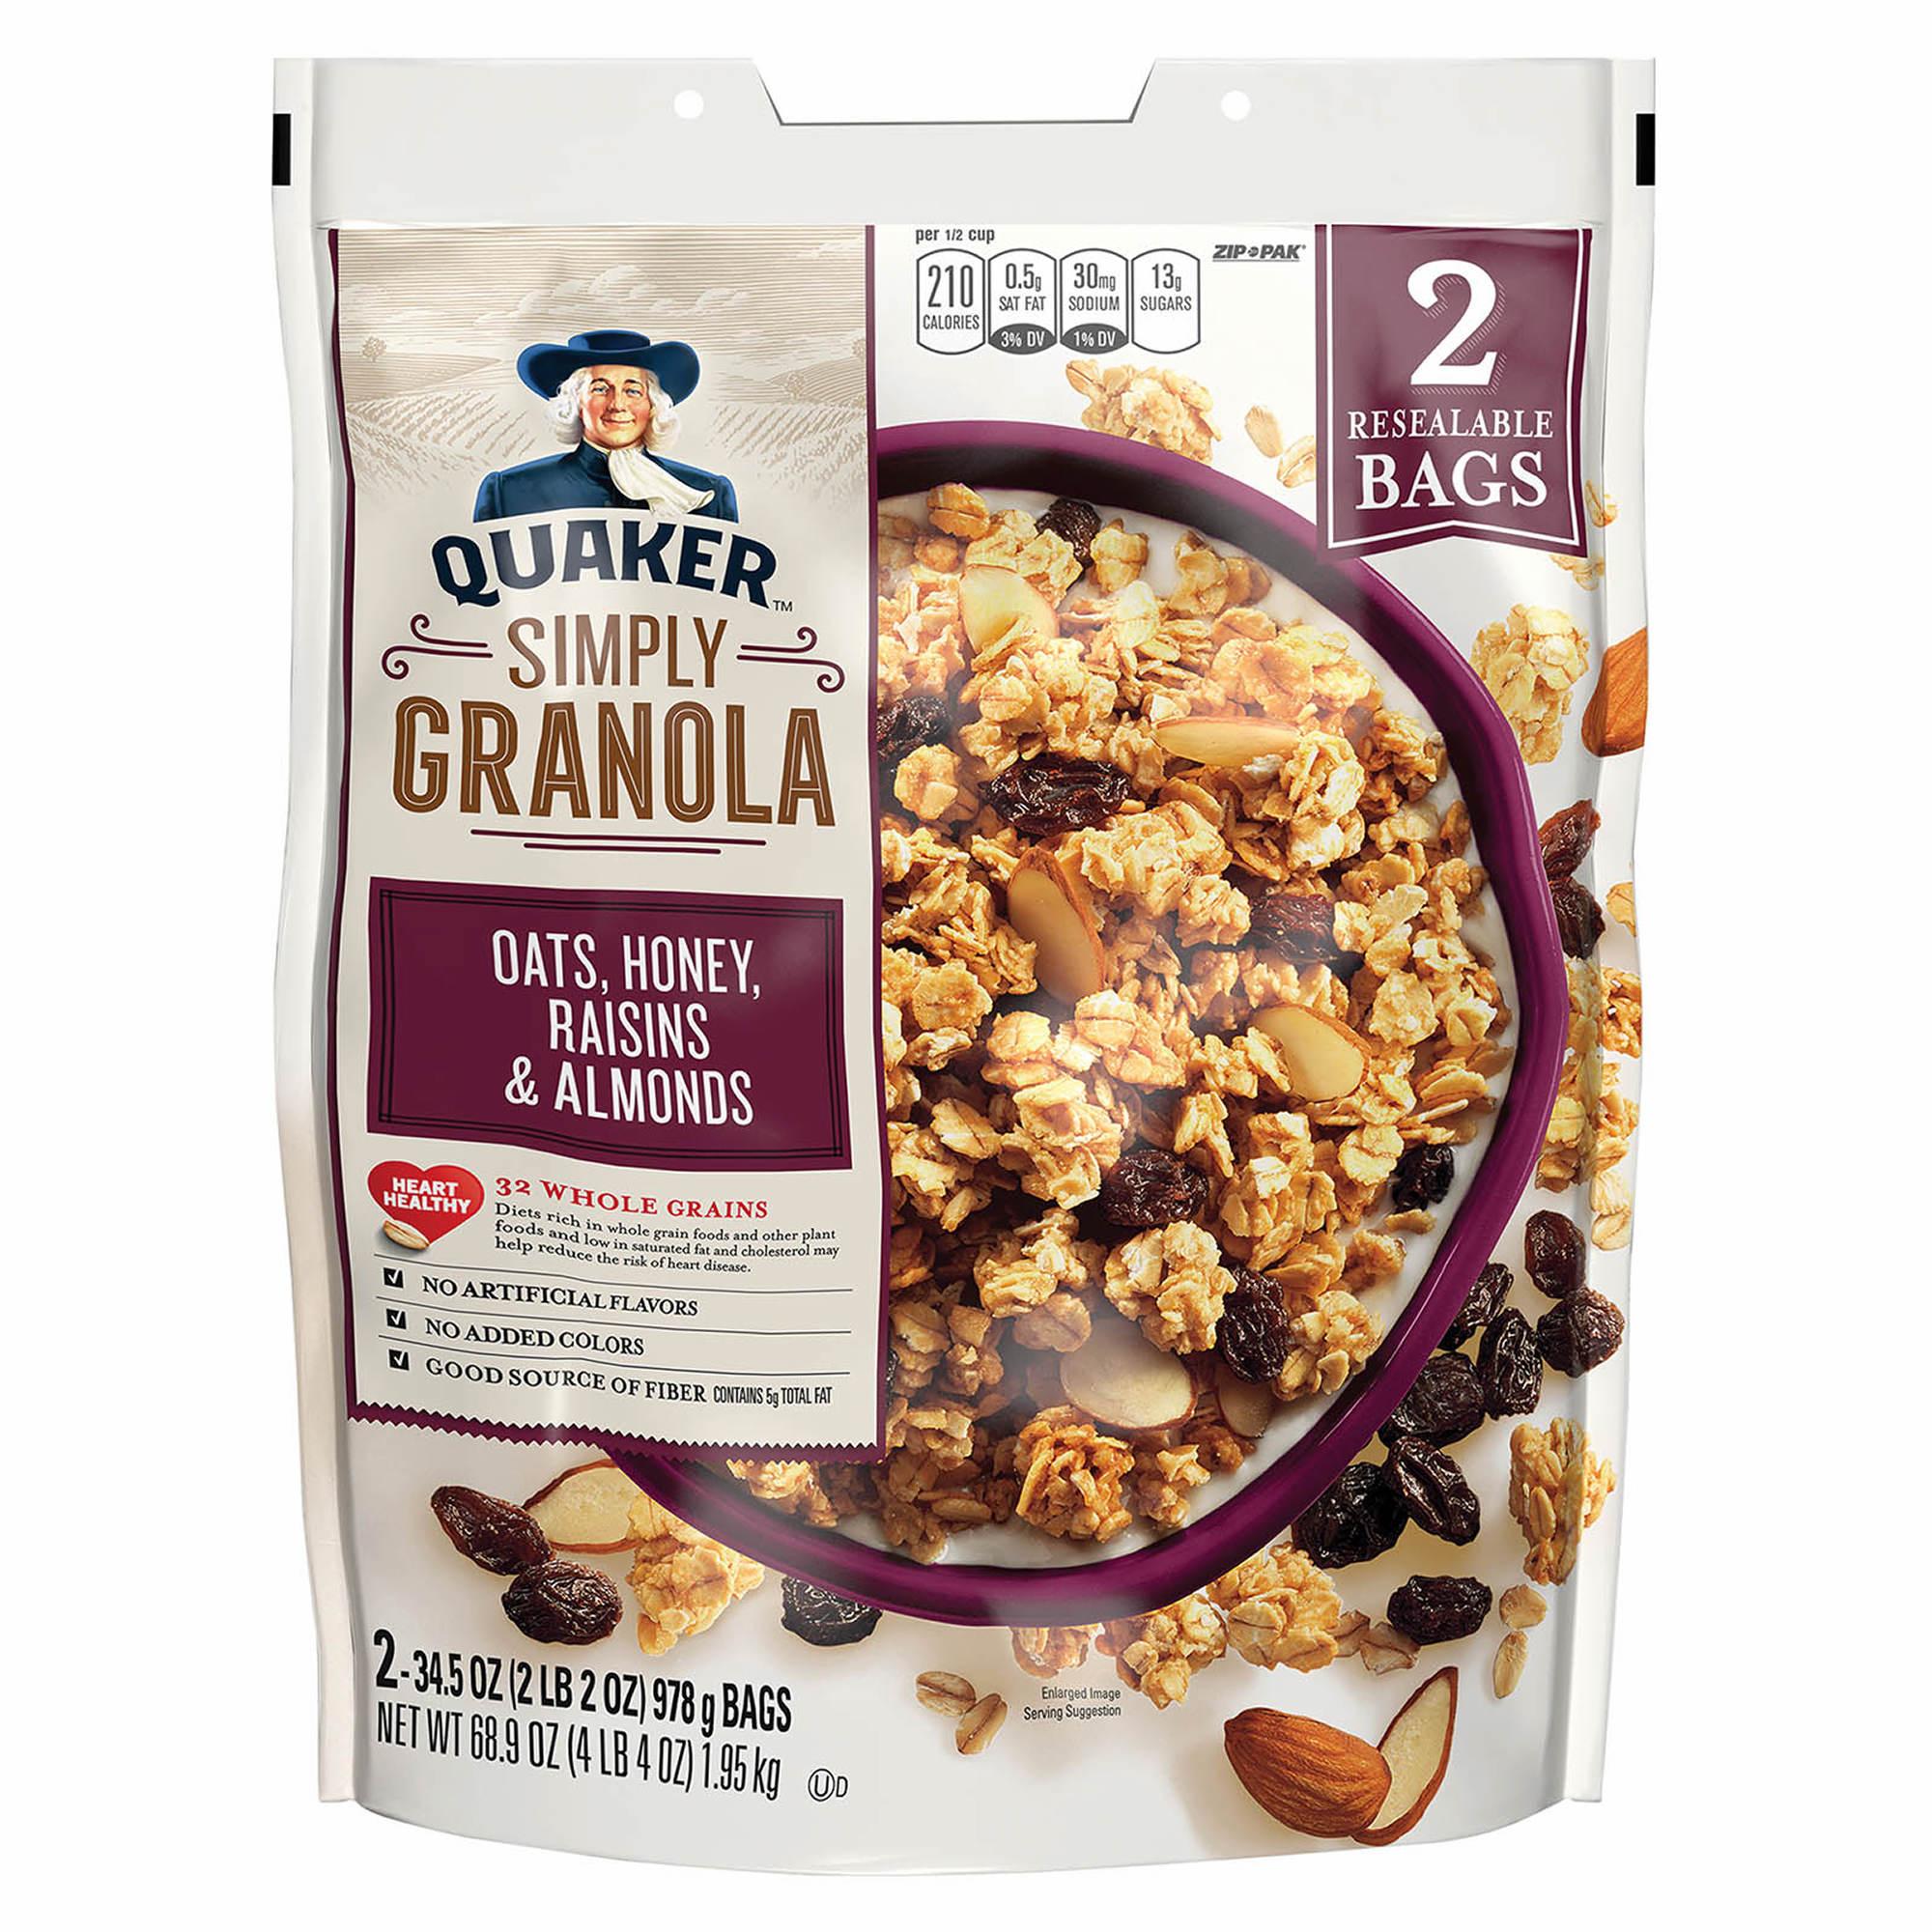 Quaker Simply Granola Oats, Honey, Raisins and Almonds, 2 pk./34.5 oz.